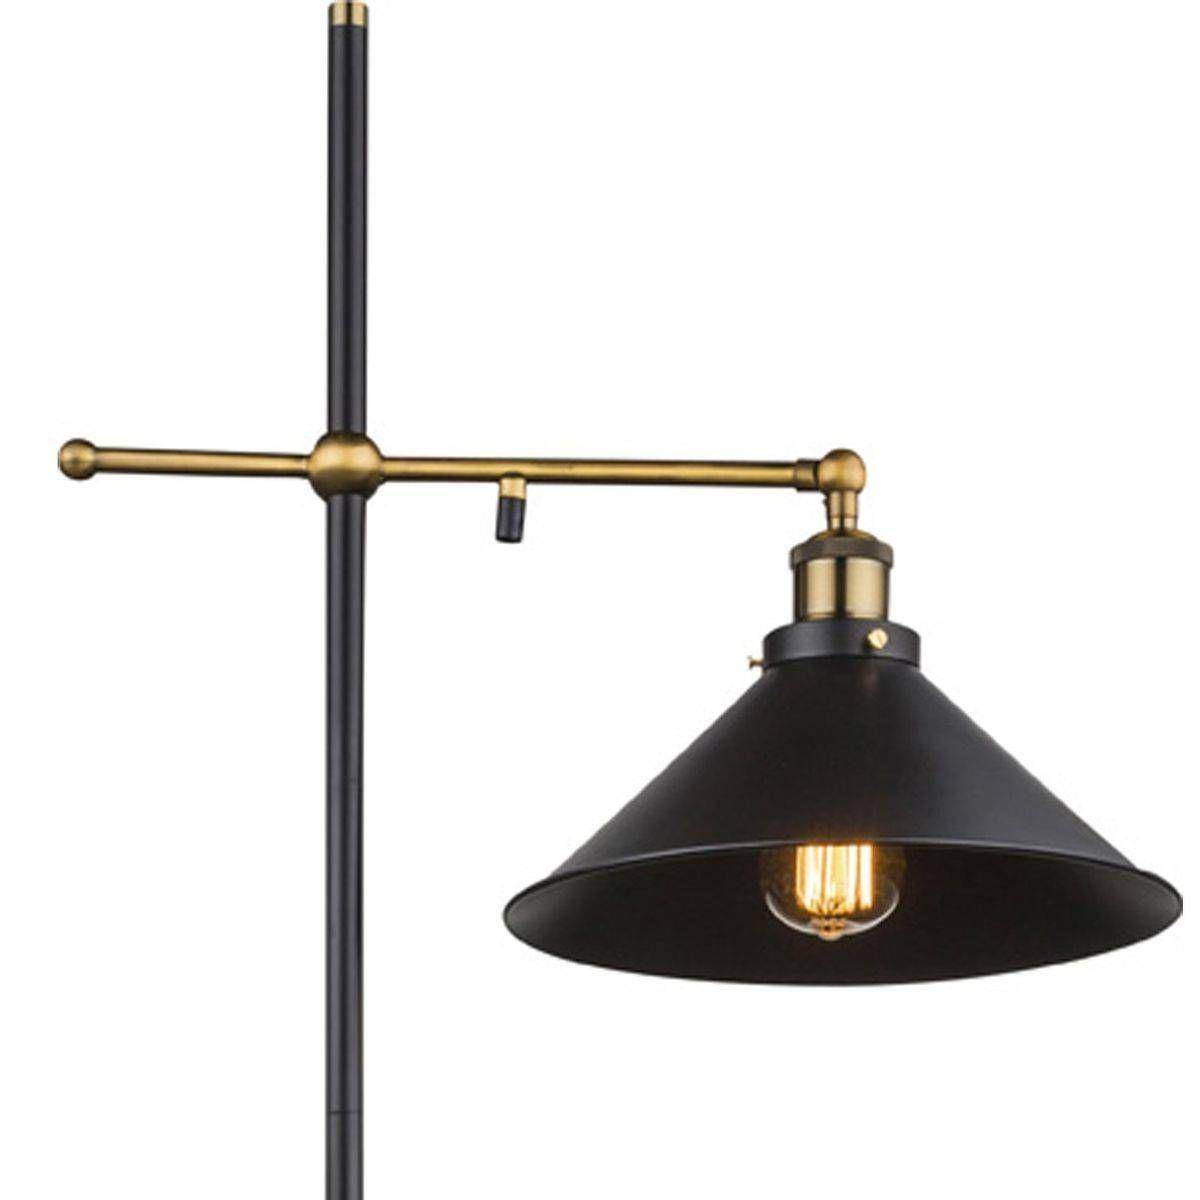 Lampadaire Industriel Lenius Noir Et Dore En Metal Taille Taille Unique Lampadaire Lampe Sur Pied Lampadaires Industriels